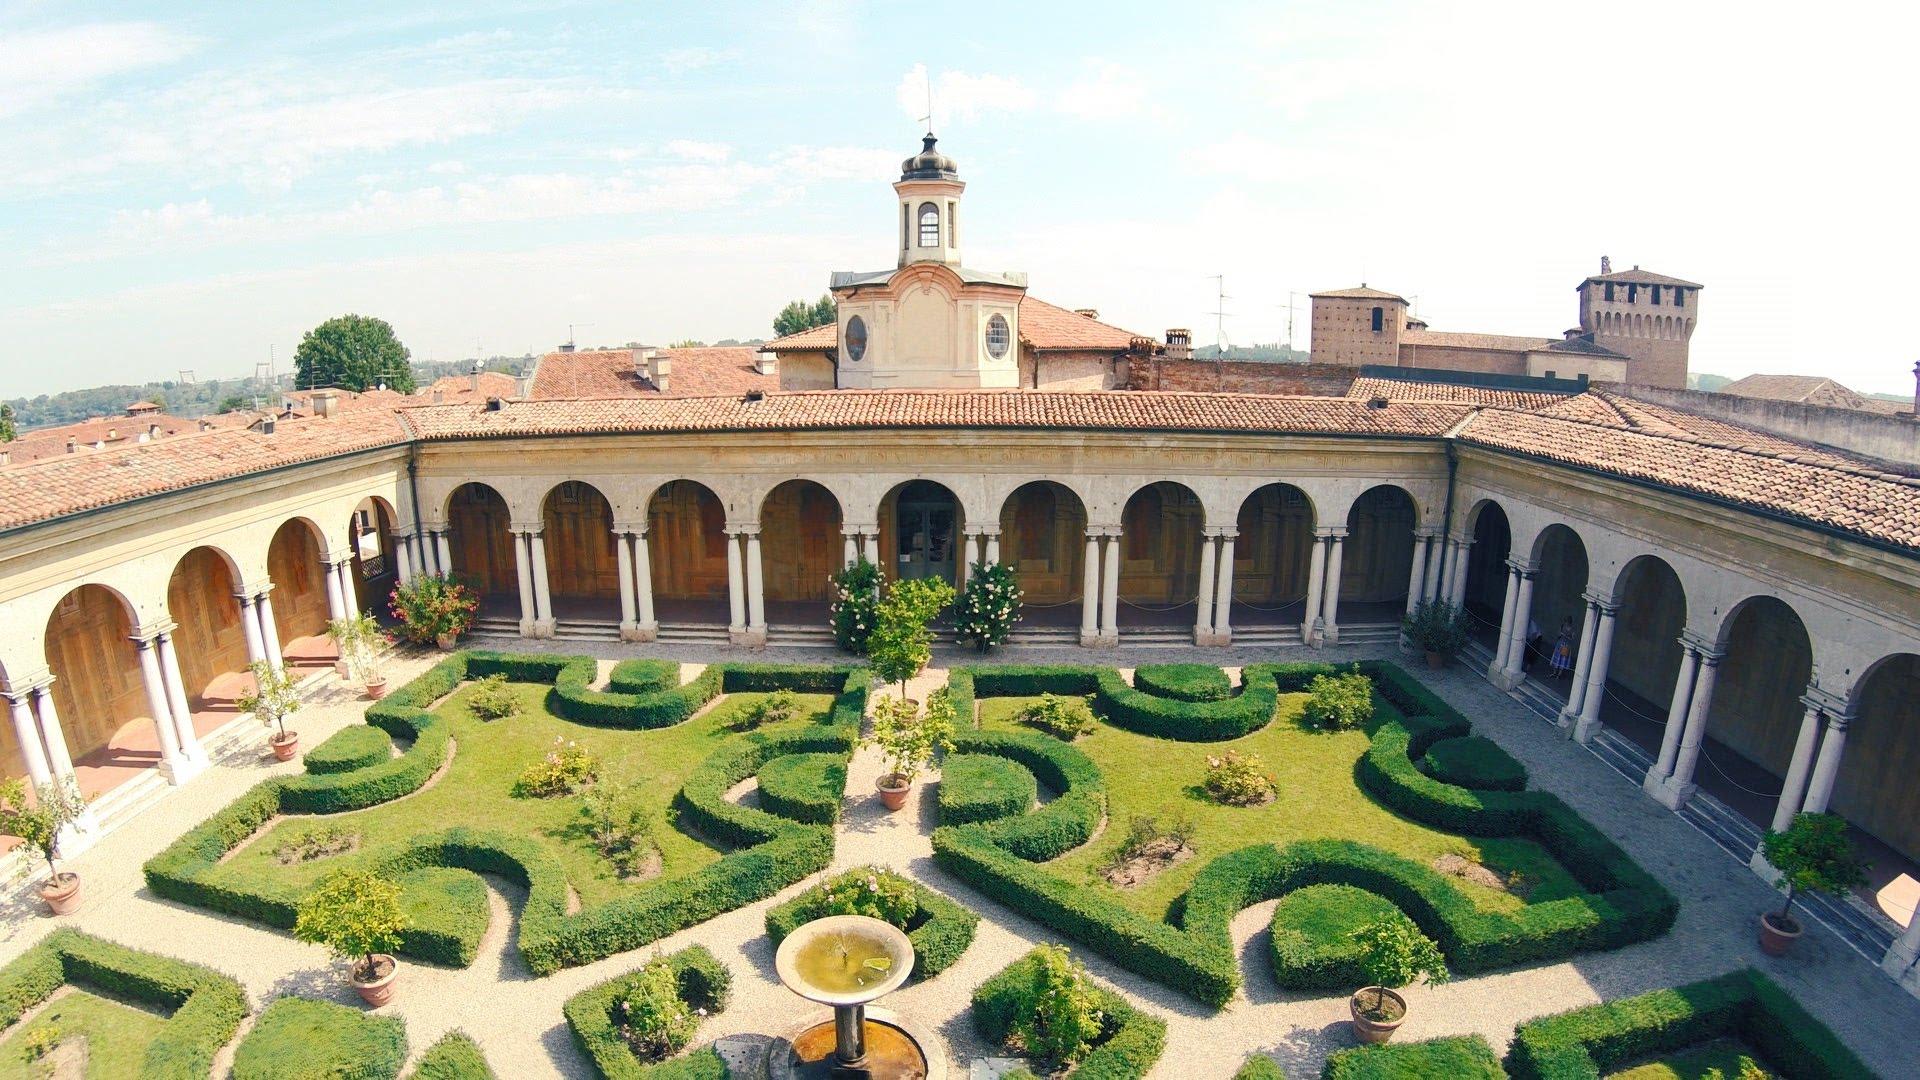 Mantova2017 5 stranezze da non perdere a palazzo ducale - Giardino pensile ...